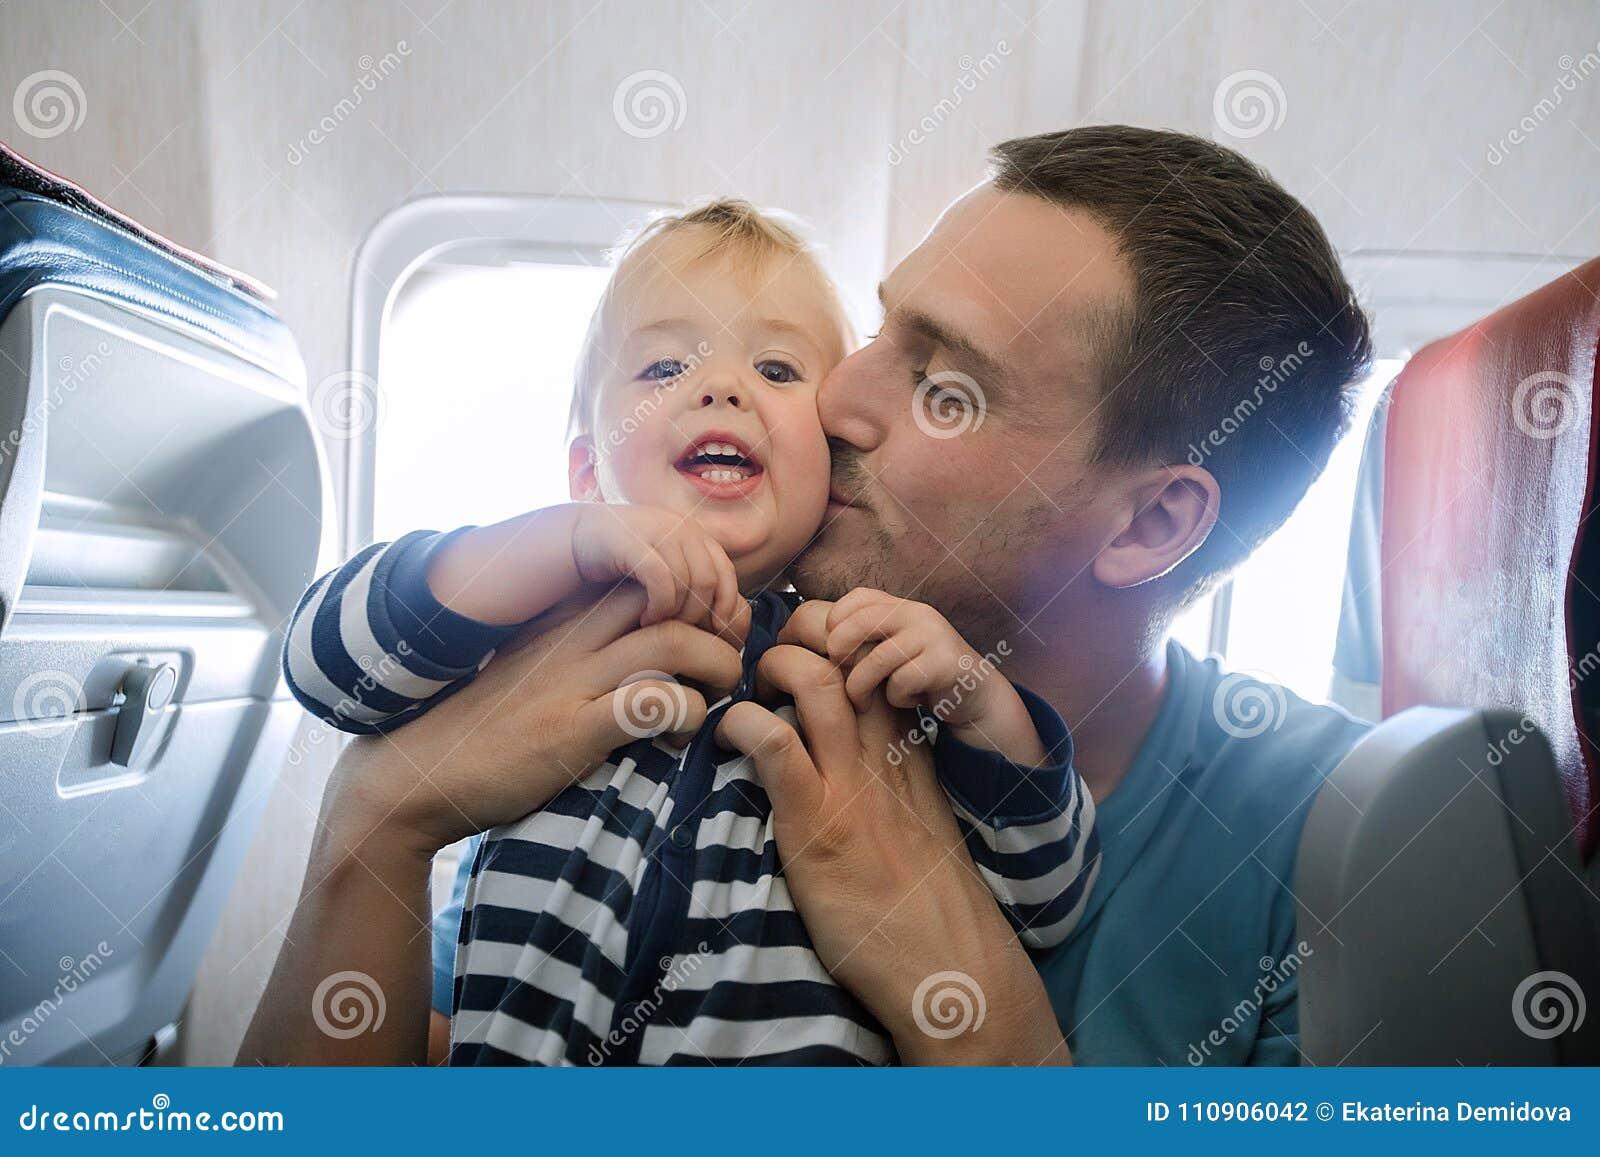 Vati küsst seinen Innenraum des Sohns im Flugzeug